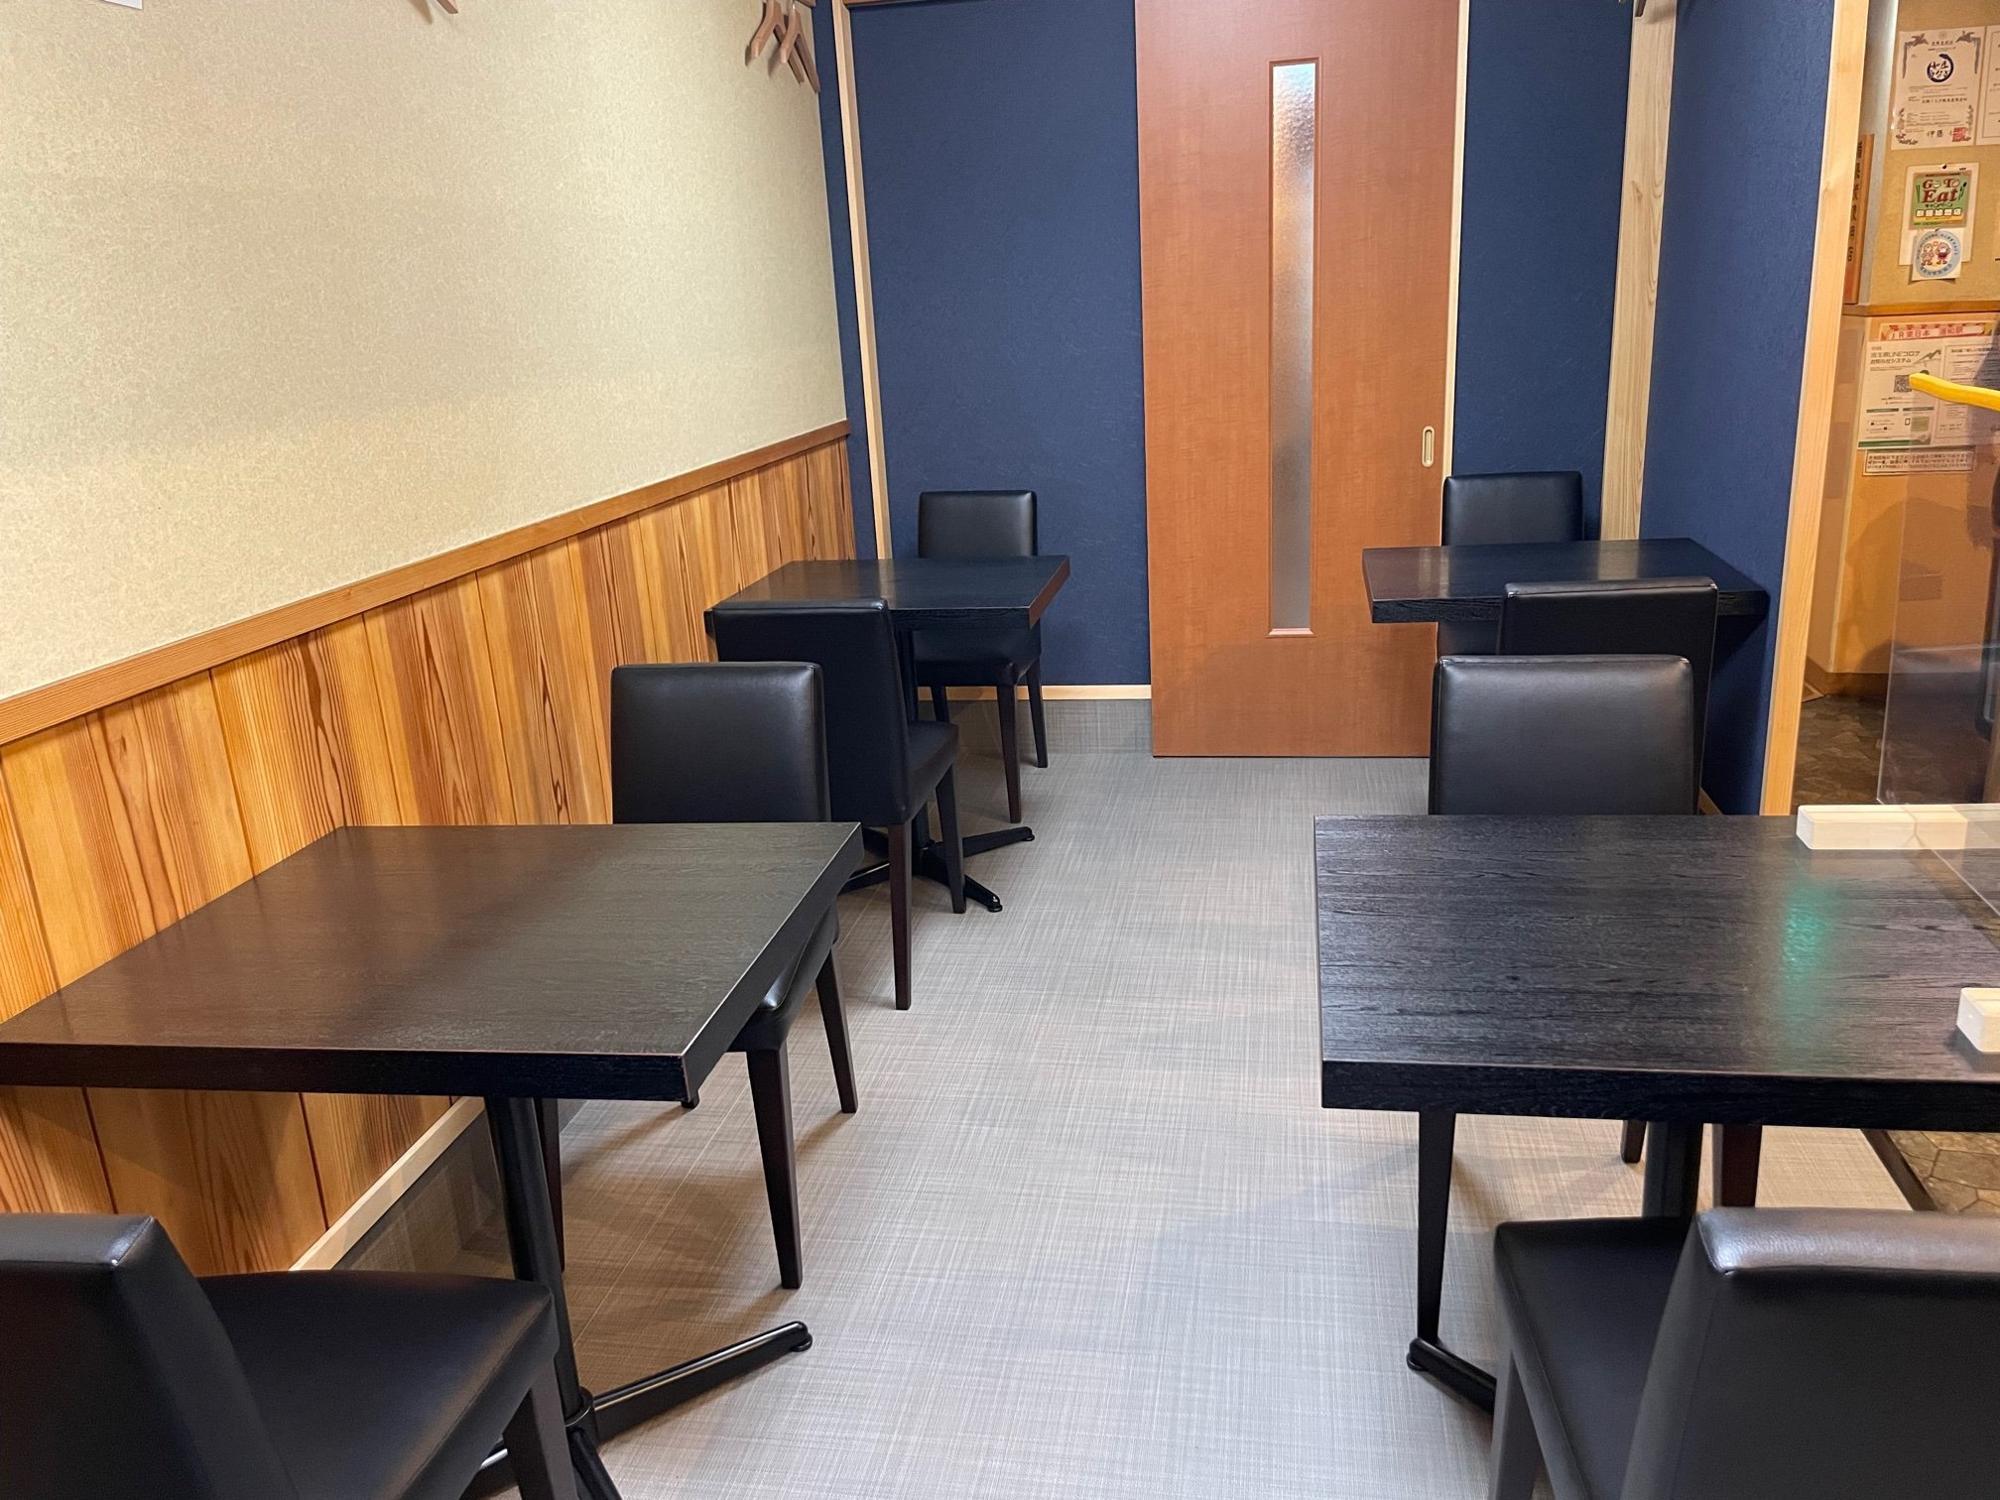 全席テーブル席となった店内。写真右側にはカウンター席も